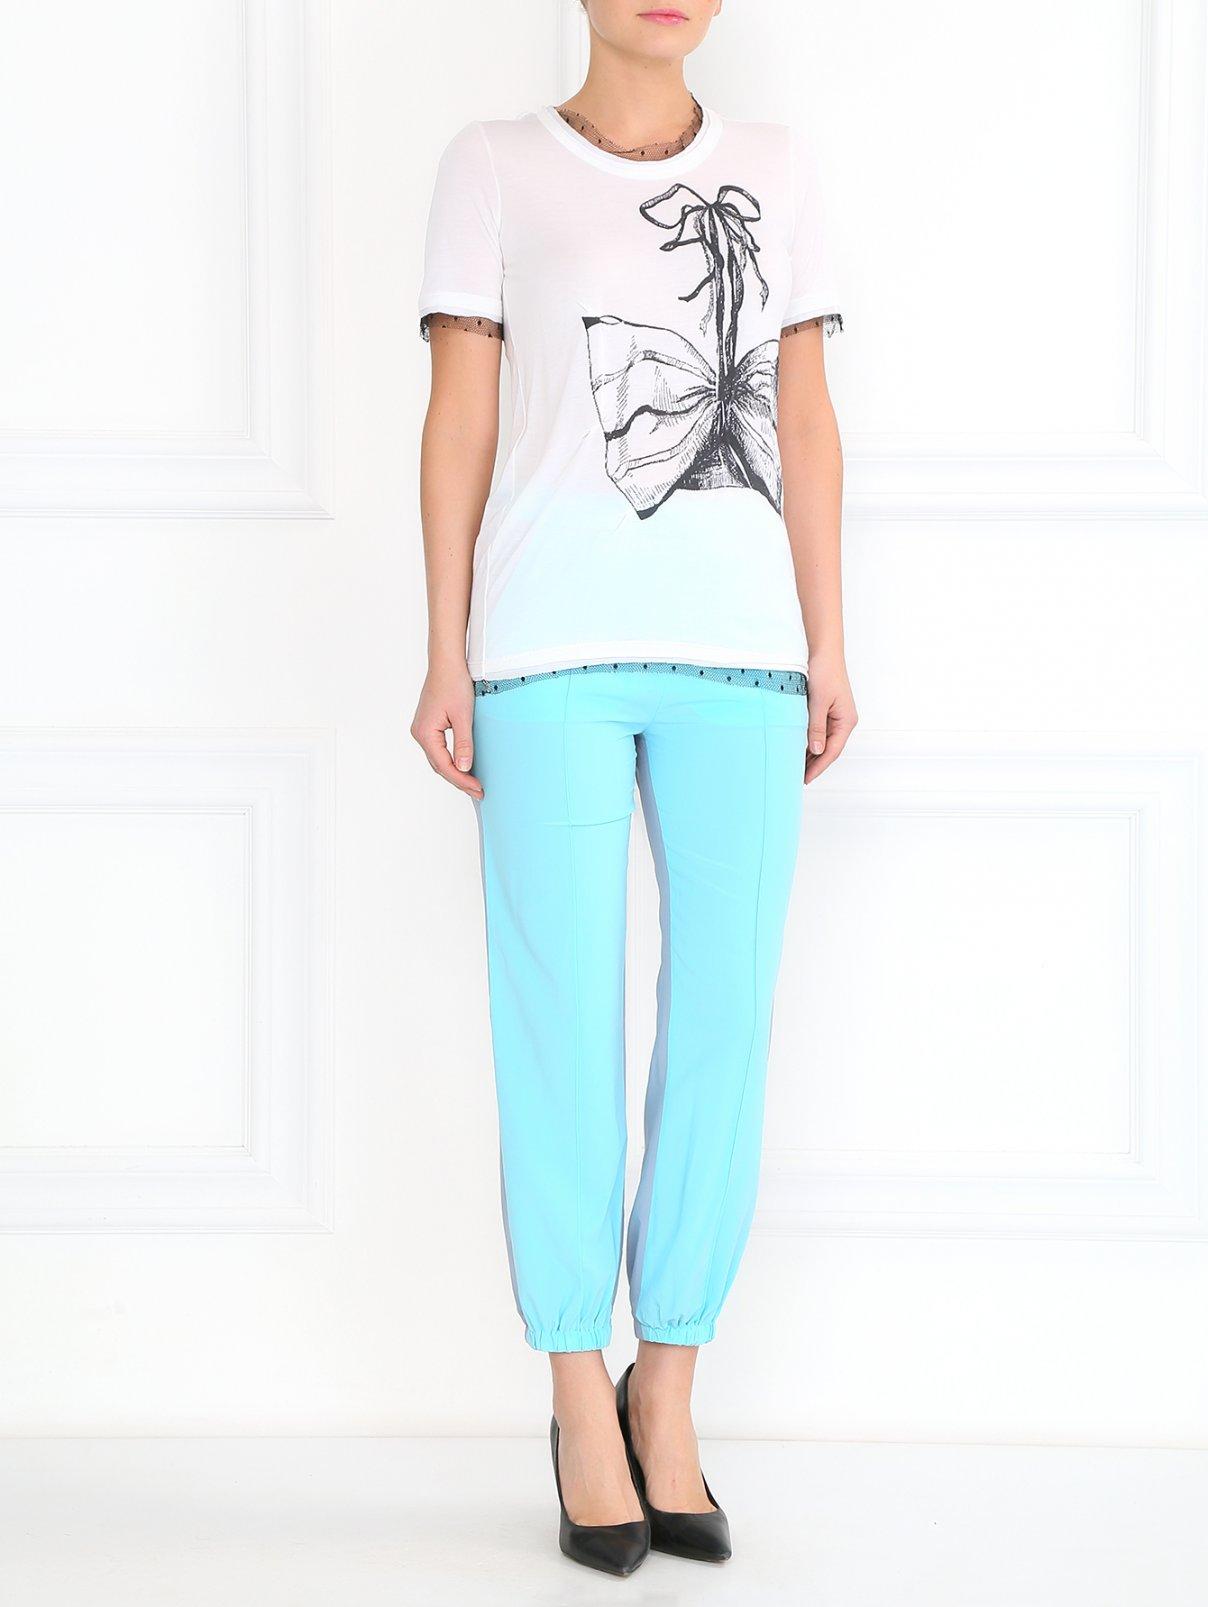 Свободные брюки из шелка Sonia Rykiel  –  Модель Общий вид  – Цвет:  Синий